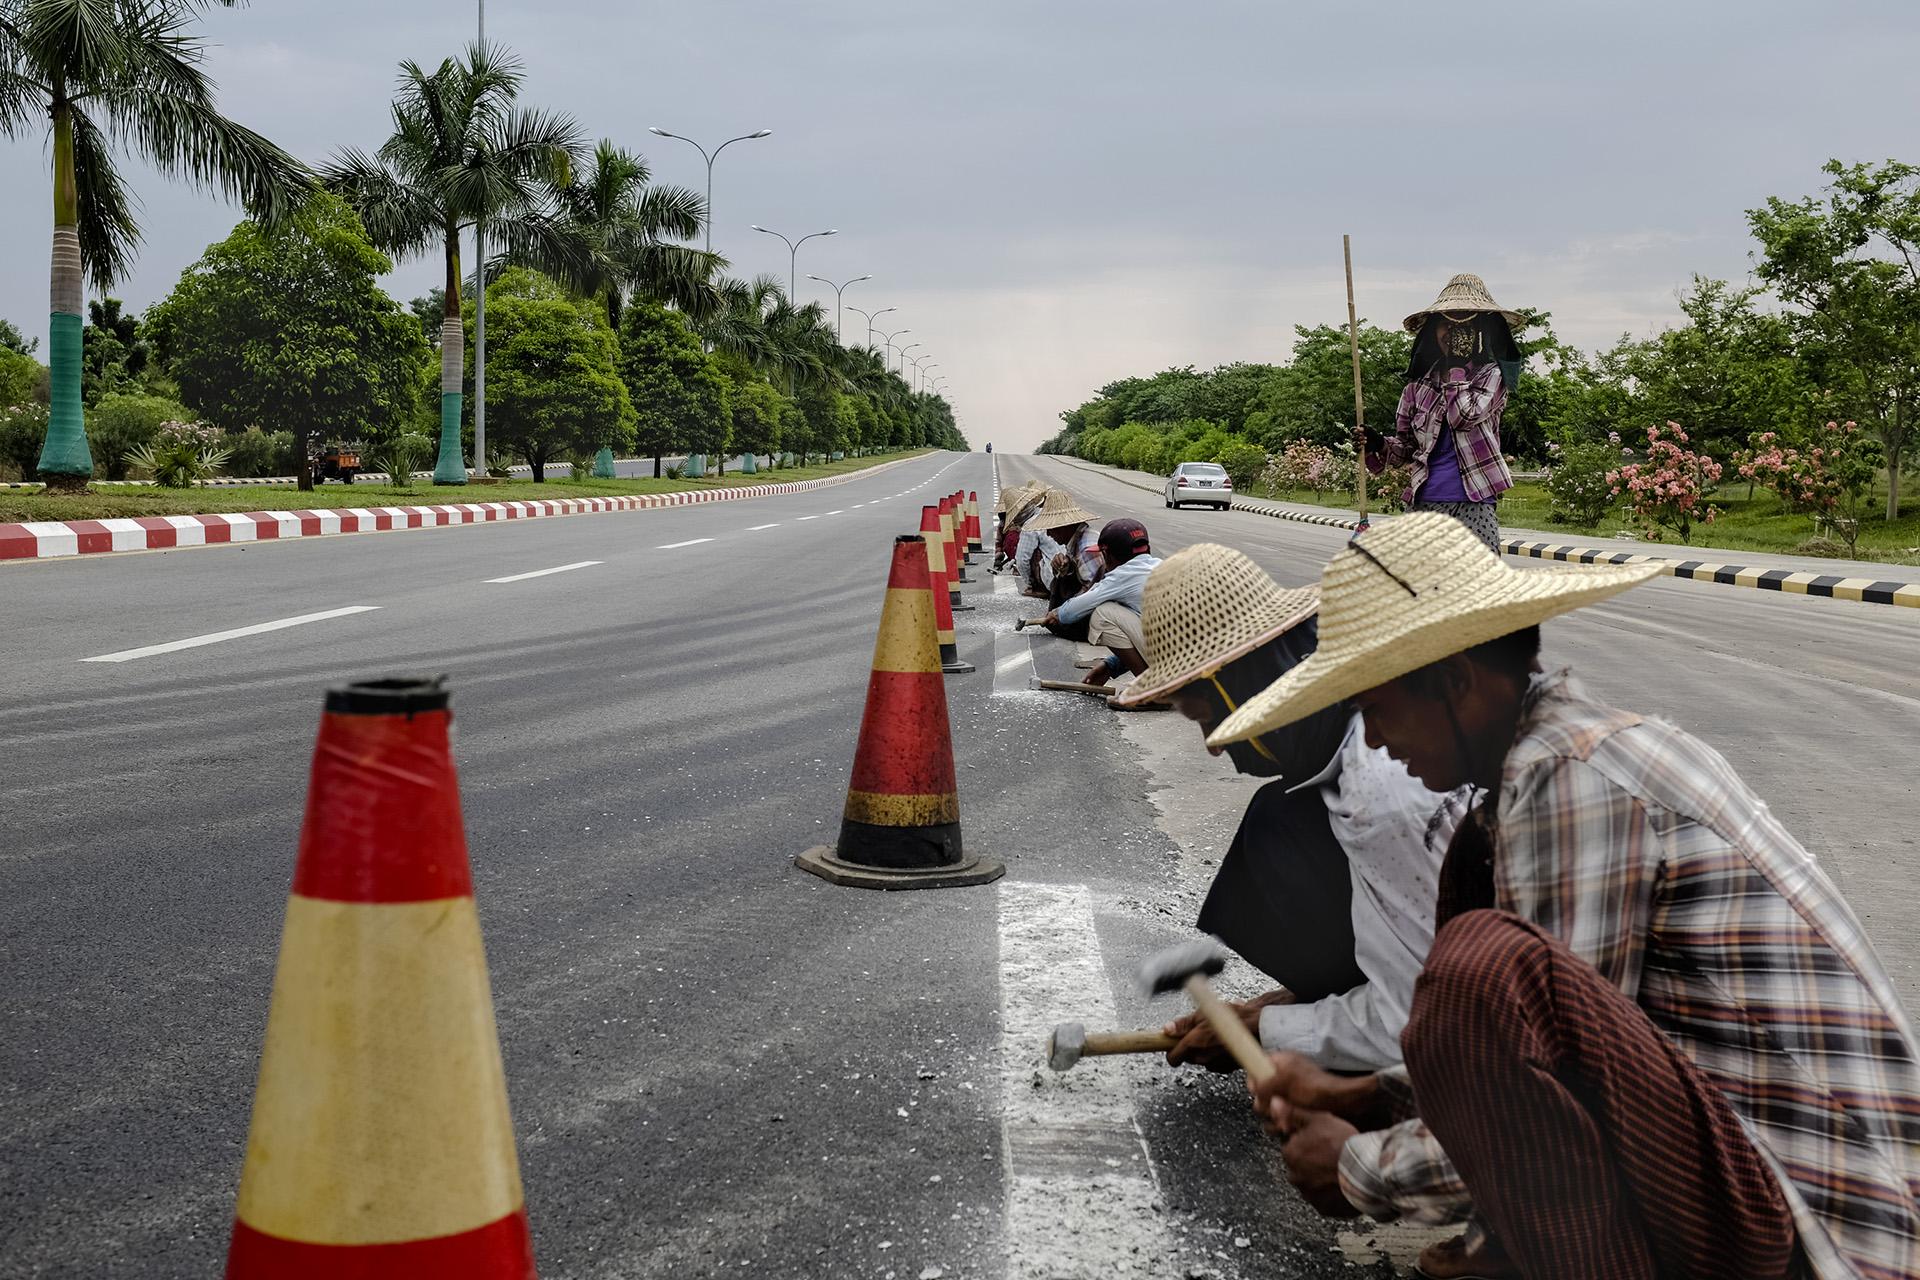 Les routes, impeccables, sont entretenues par des travailleurs migrants qui gagnent en moyenne 2 dollars par jour. Naypyidaw, Birmanie. Mai 2015.